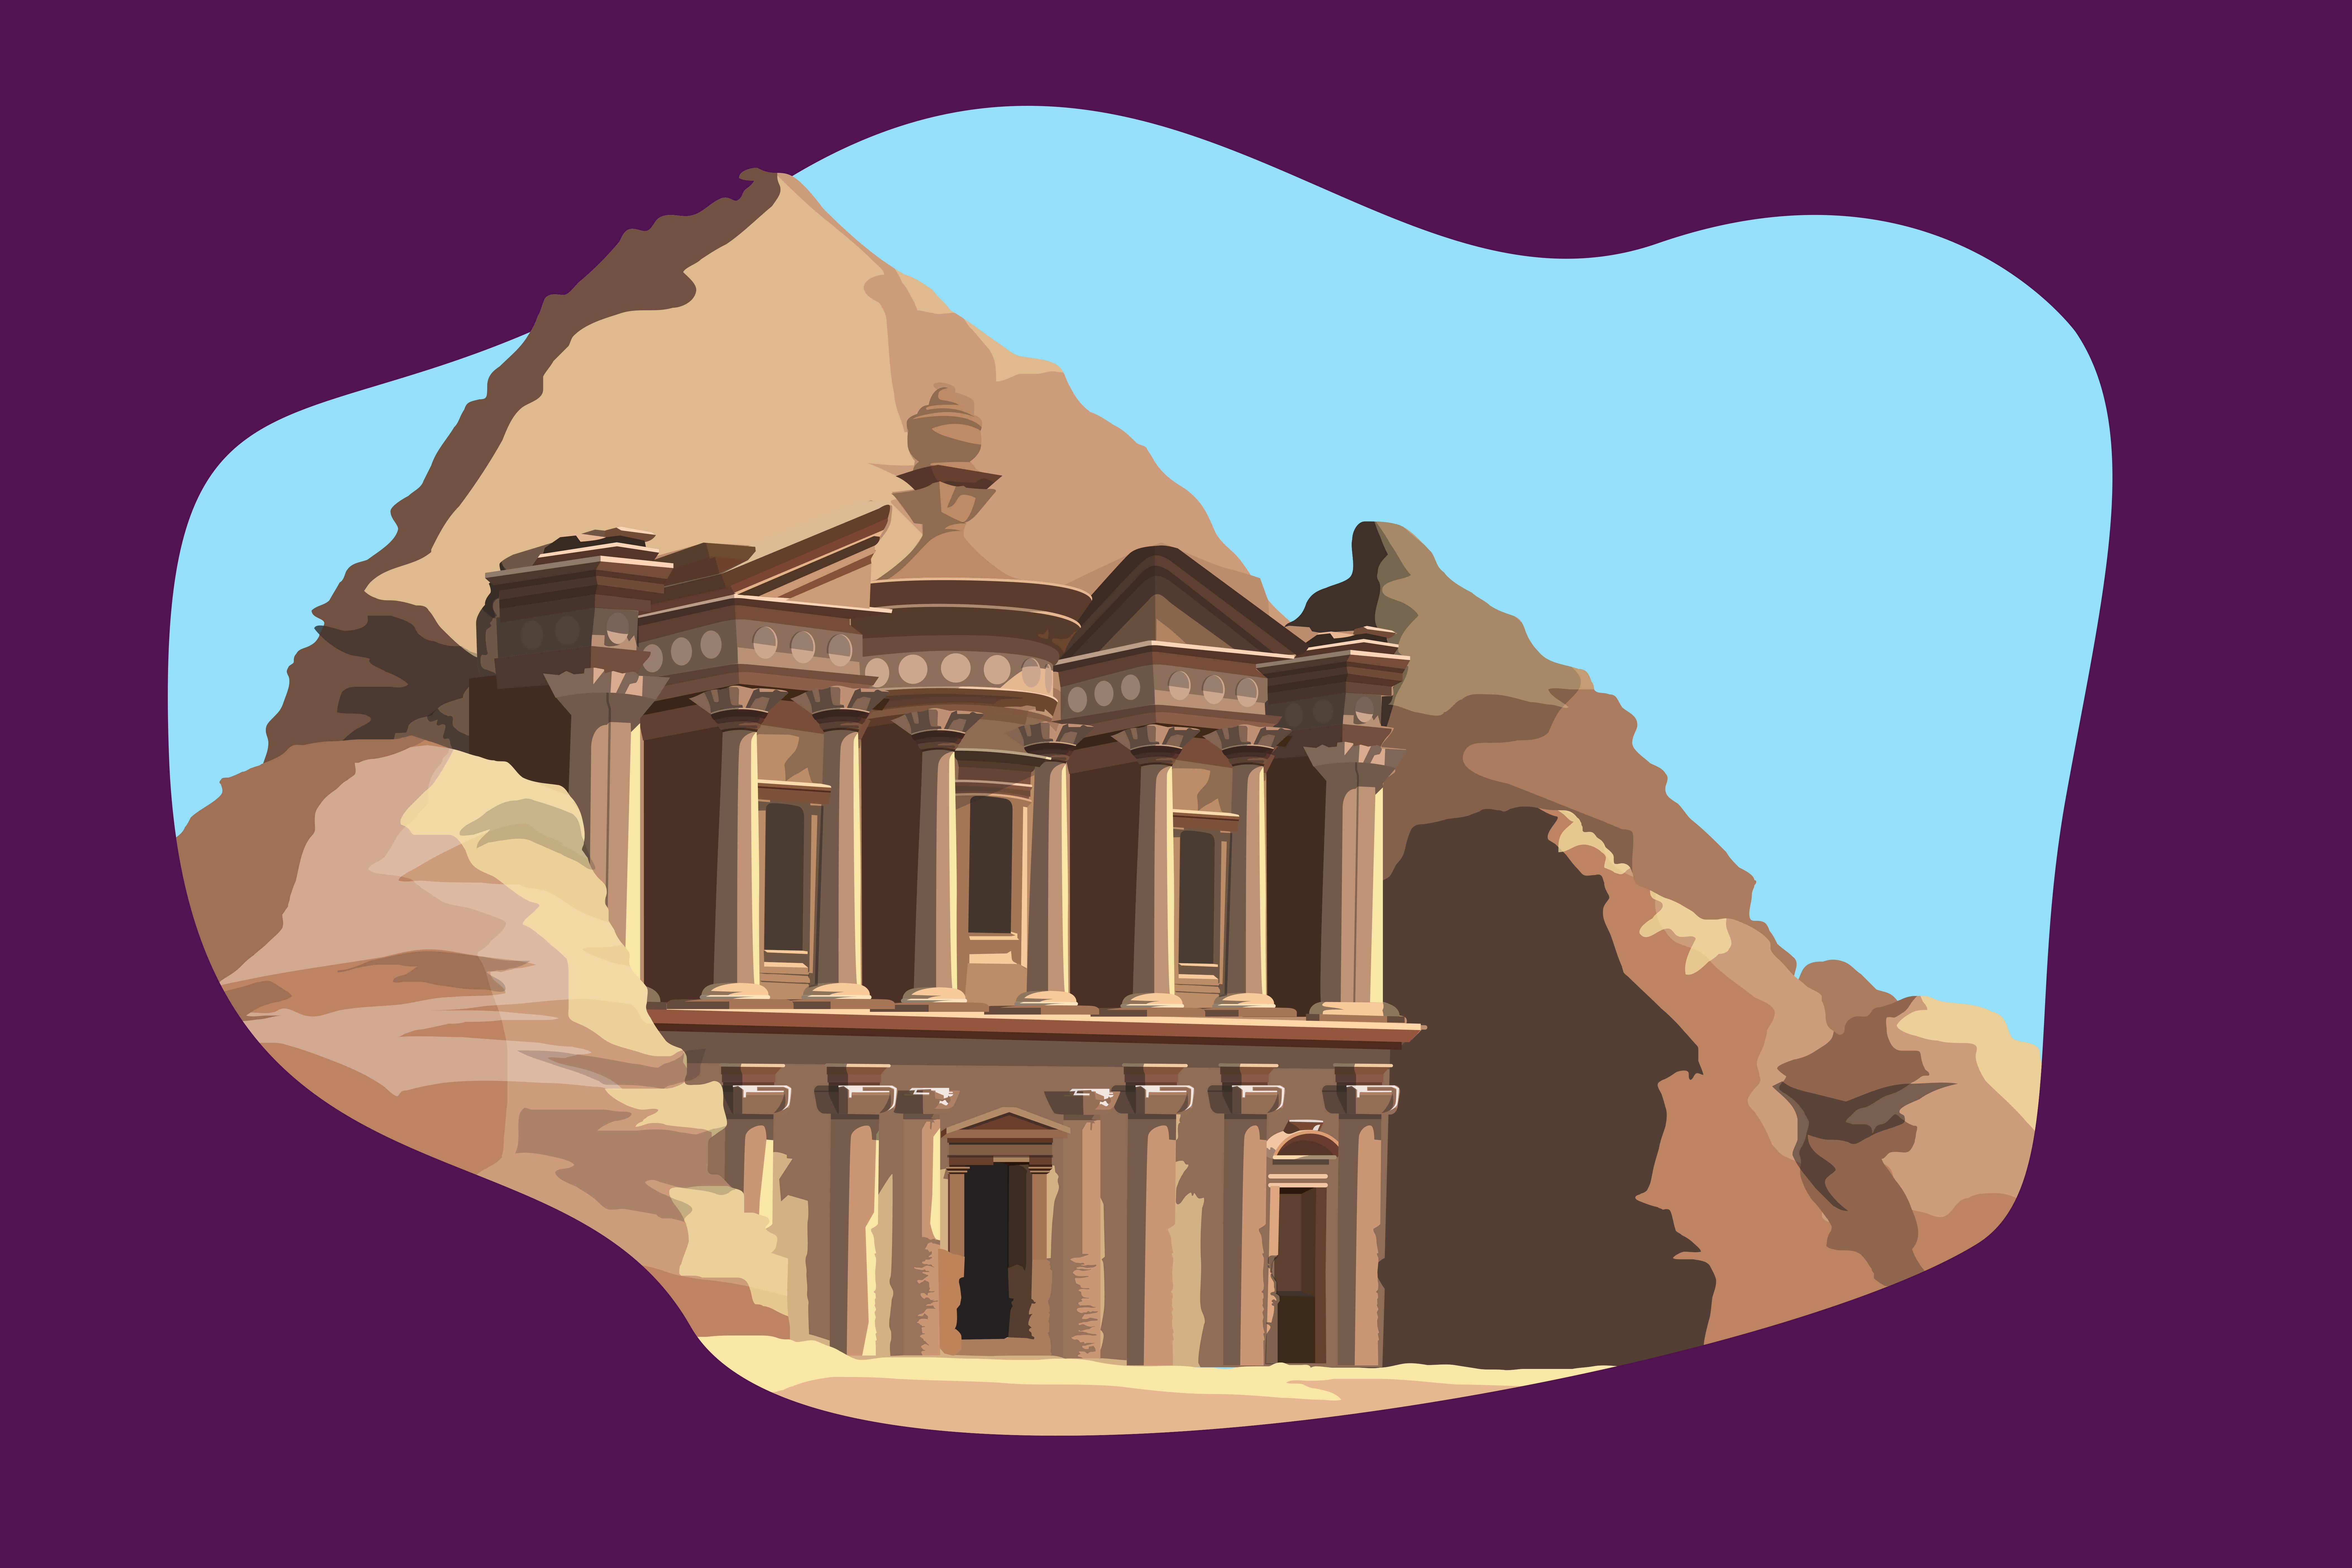 Obiectivul arhielogic de la Petra